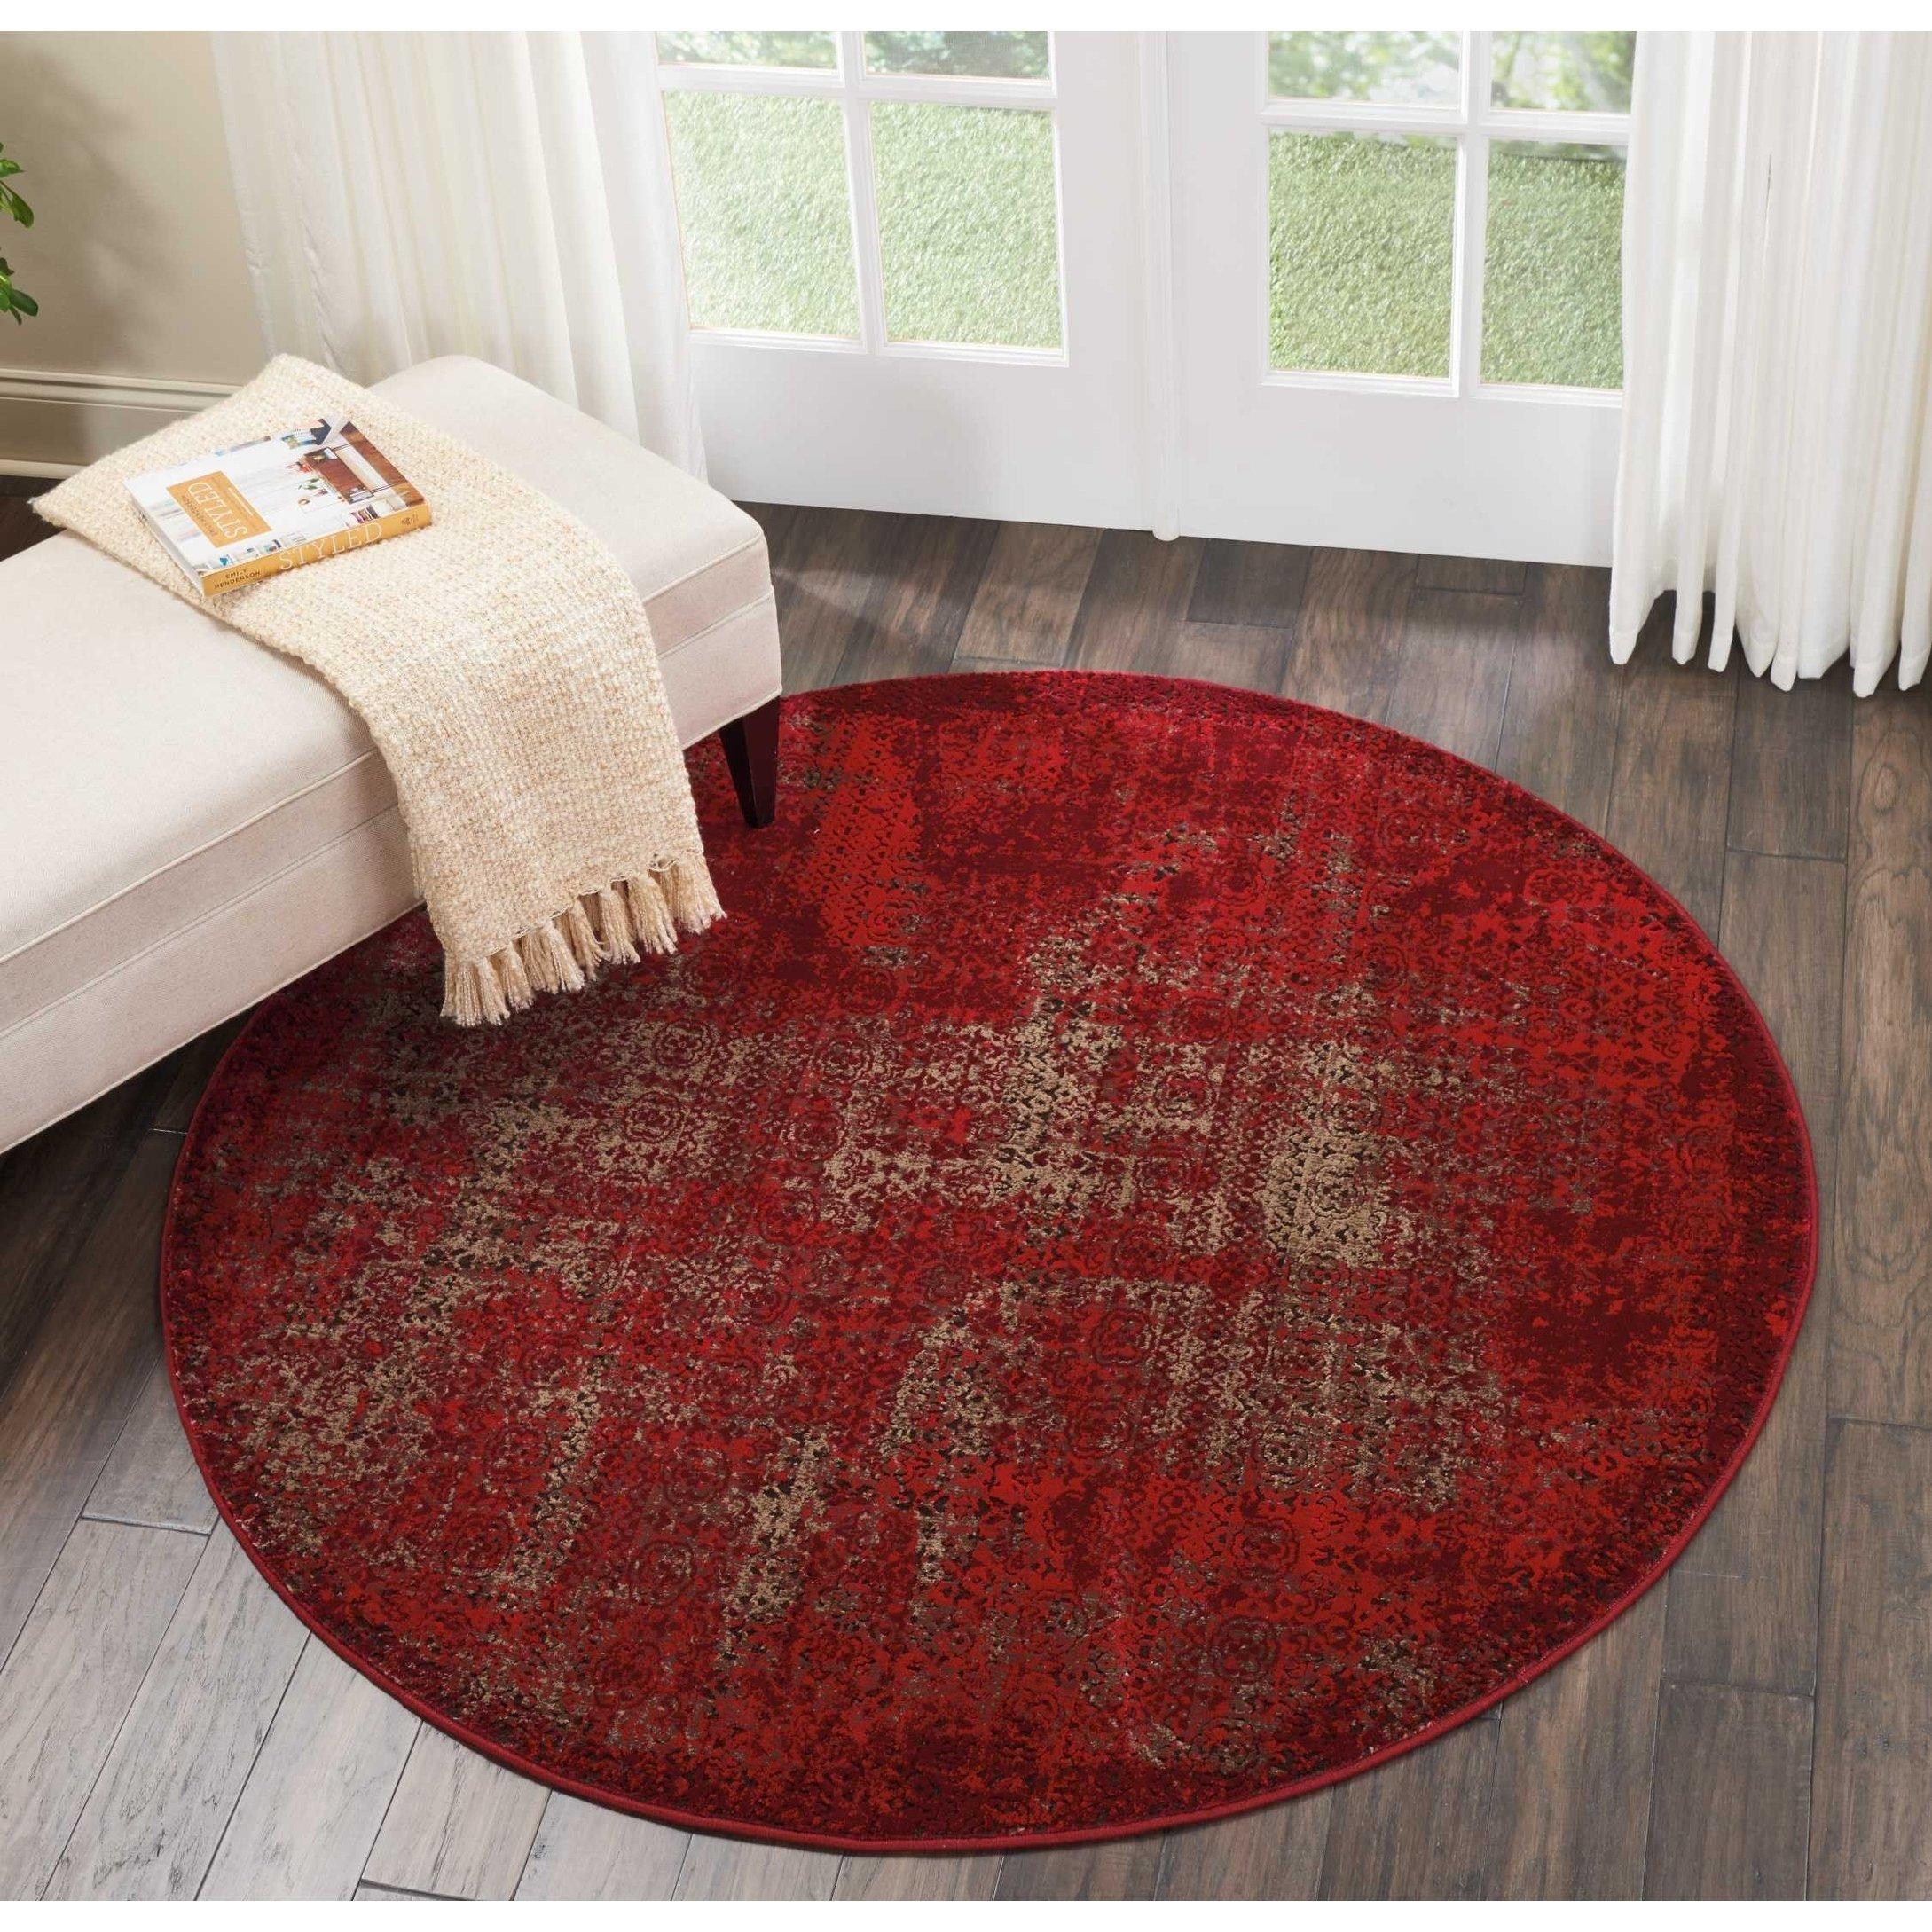 Nourison Karma Vintage Distressed Red Round Rug 5 3 Round 5 3